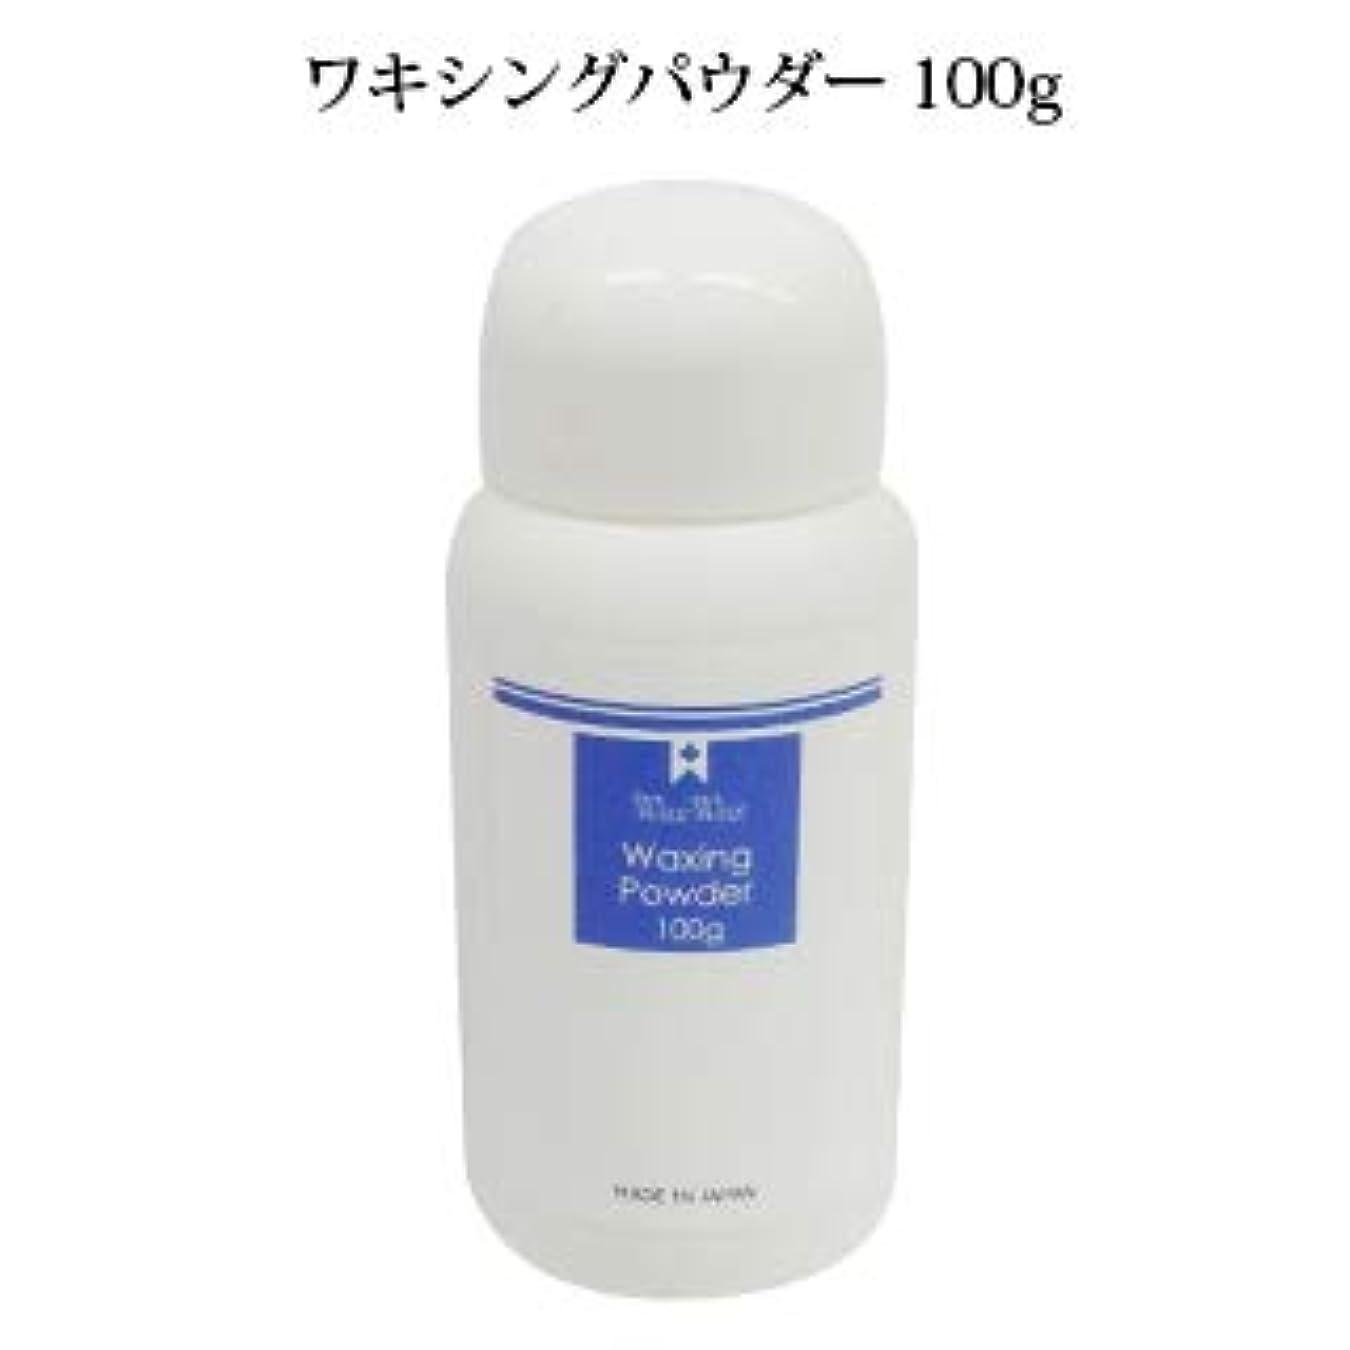 シャンプー分刺すNew ワキシングパウダー 100g ~施術前処理~